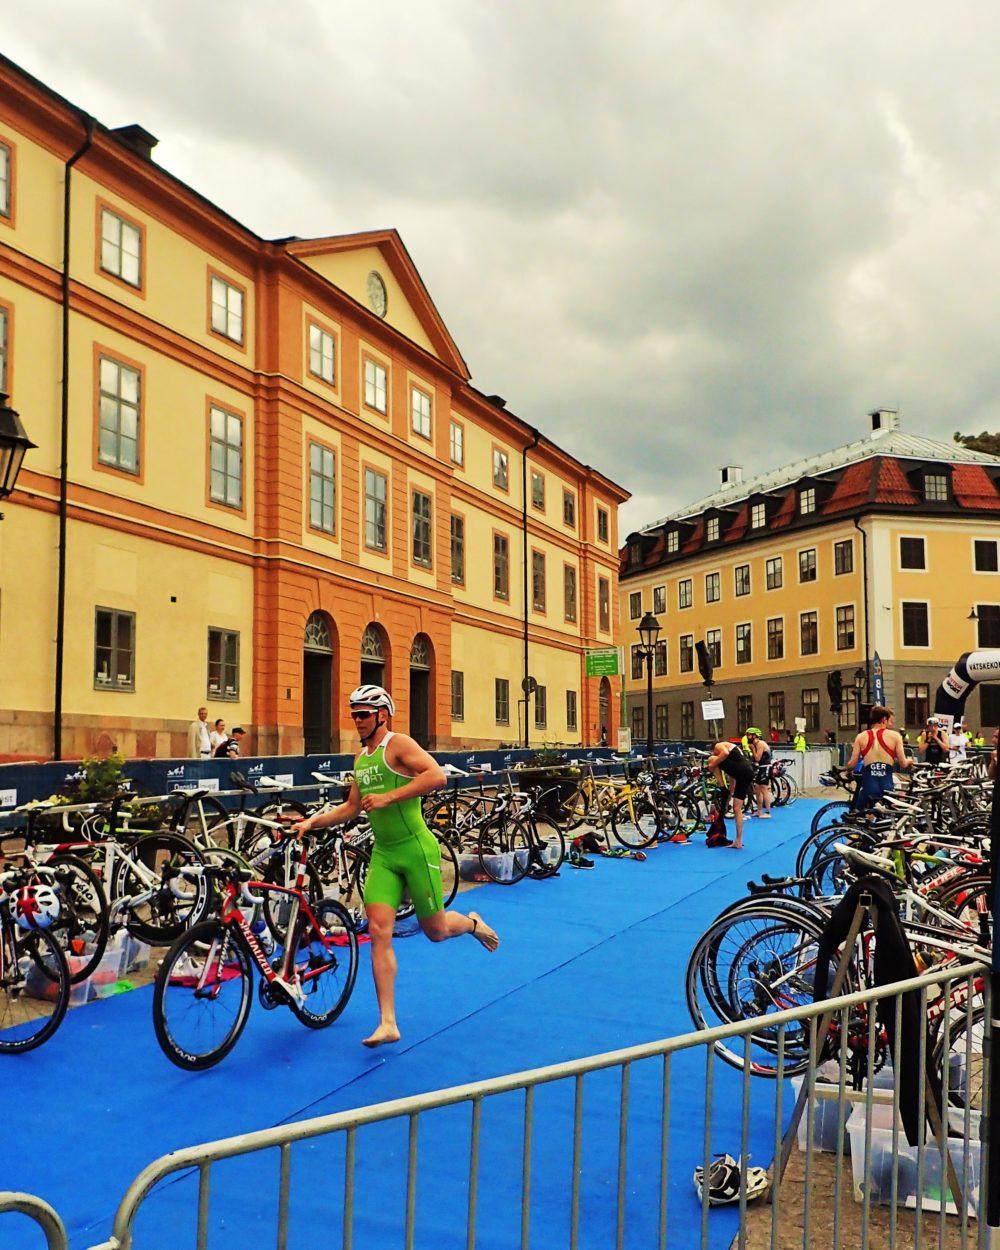 Dags för andra delmomentet- cykling. Man måste springa med cykeln fram till en viss punkt där man får hoppa upp på cykeln.